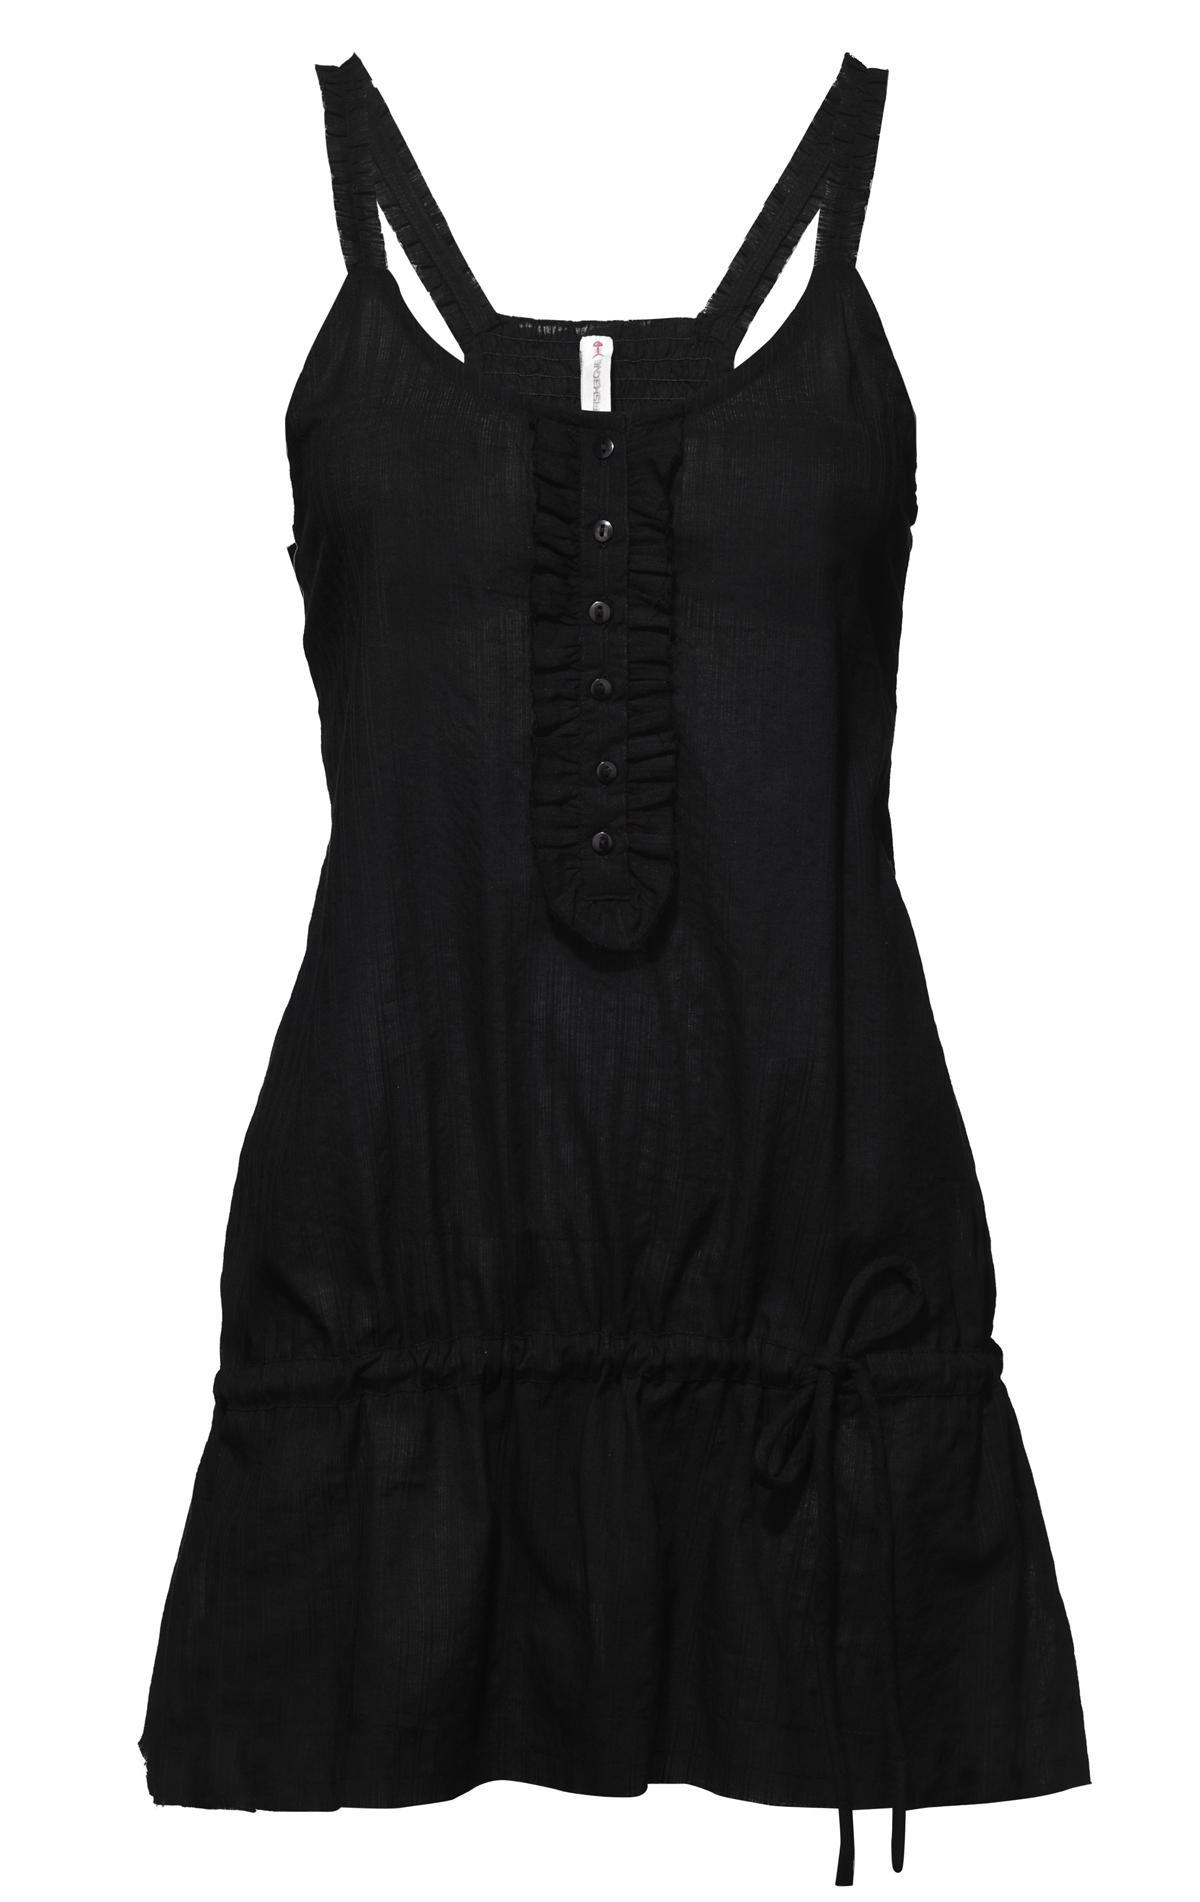 Sukienki od New Yorker wiosna/lato 2010 - Zdjęcie 25